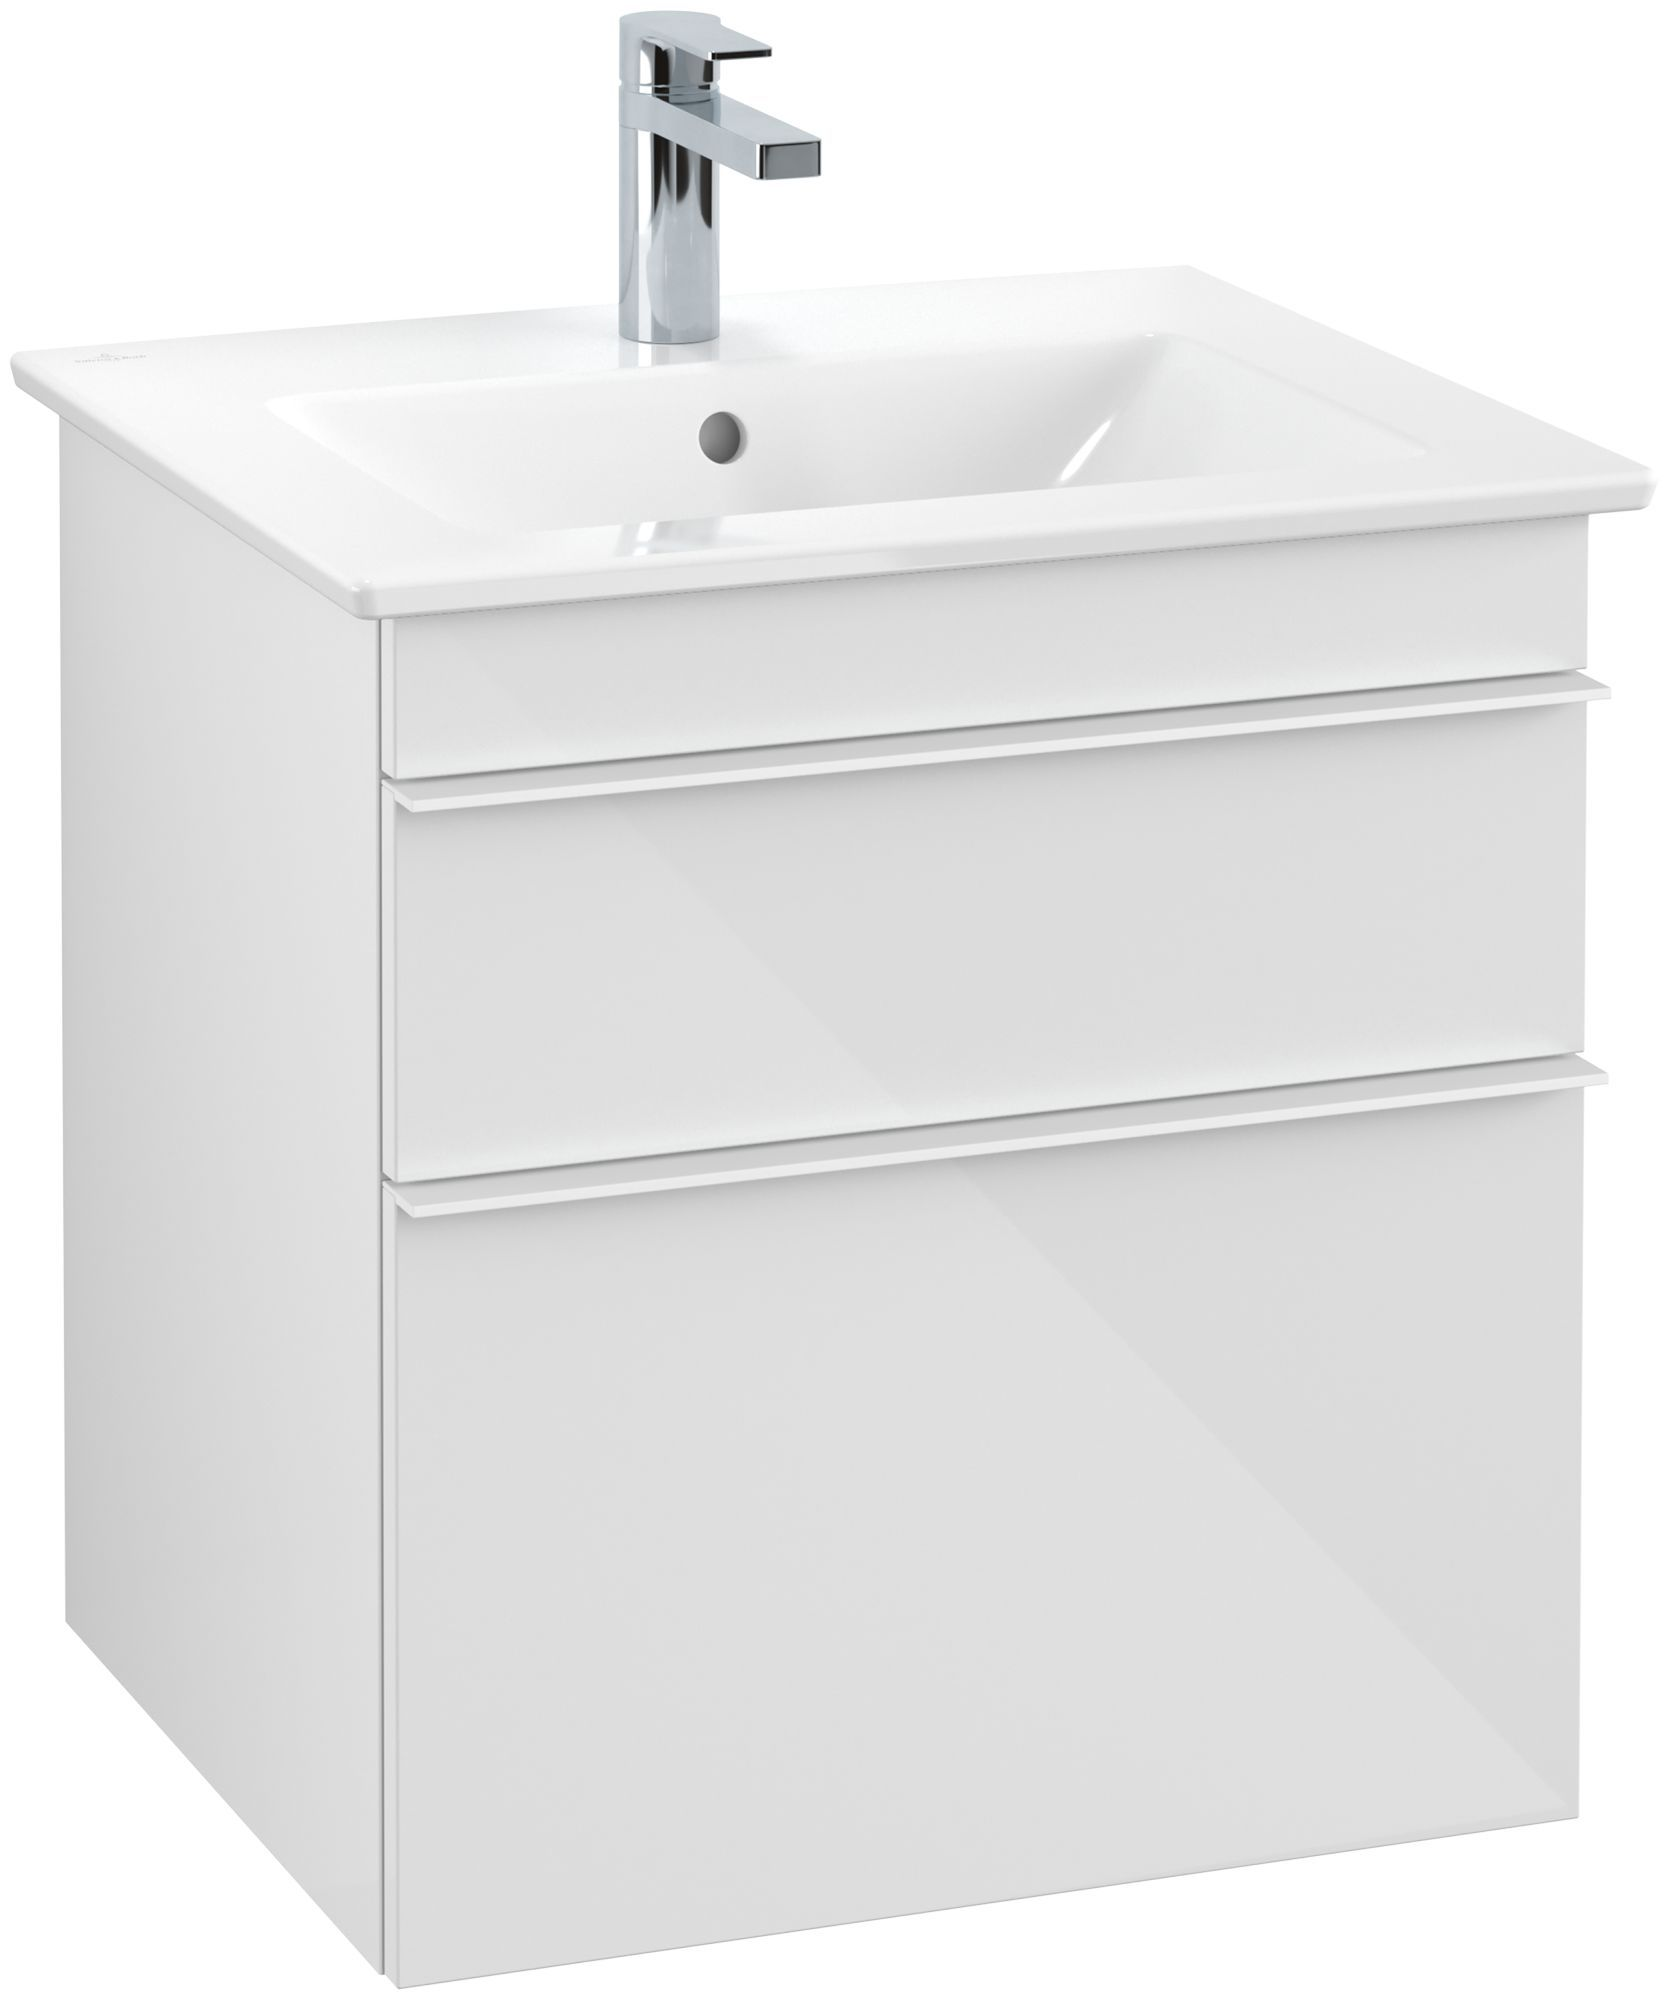 Villeroy & Boch Venticello Waschtischunterschrank 2 Auszüge B:553xT:502xH:590mm glossy weiß Griffe weiß A92302DH